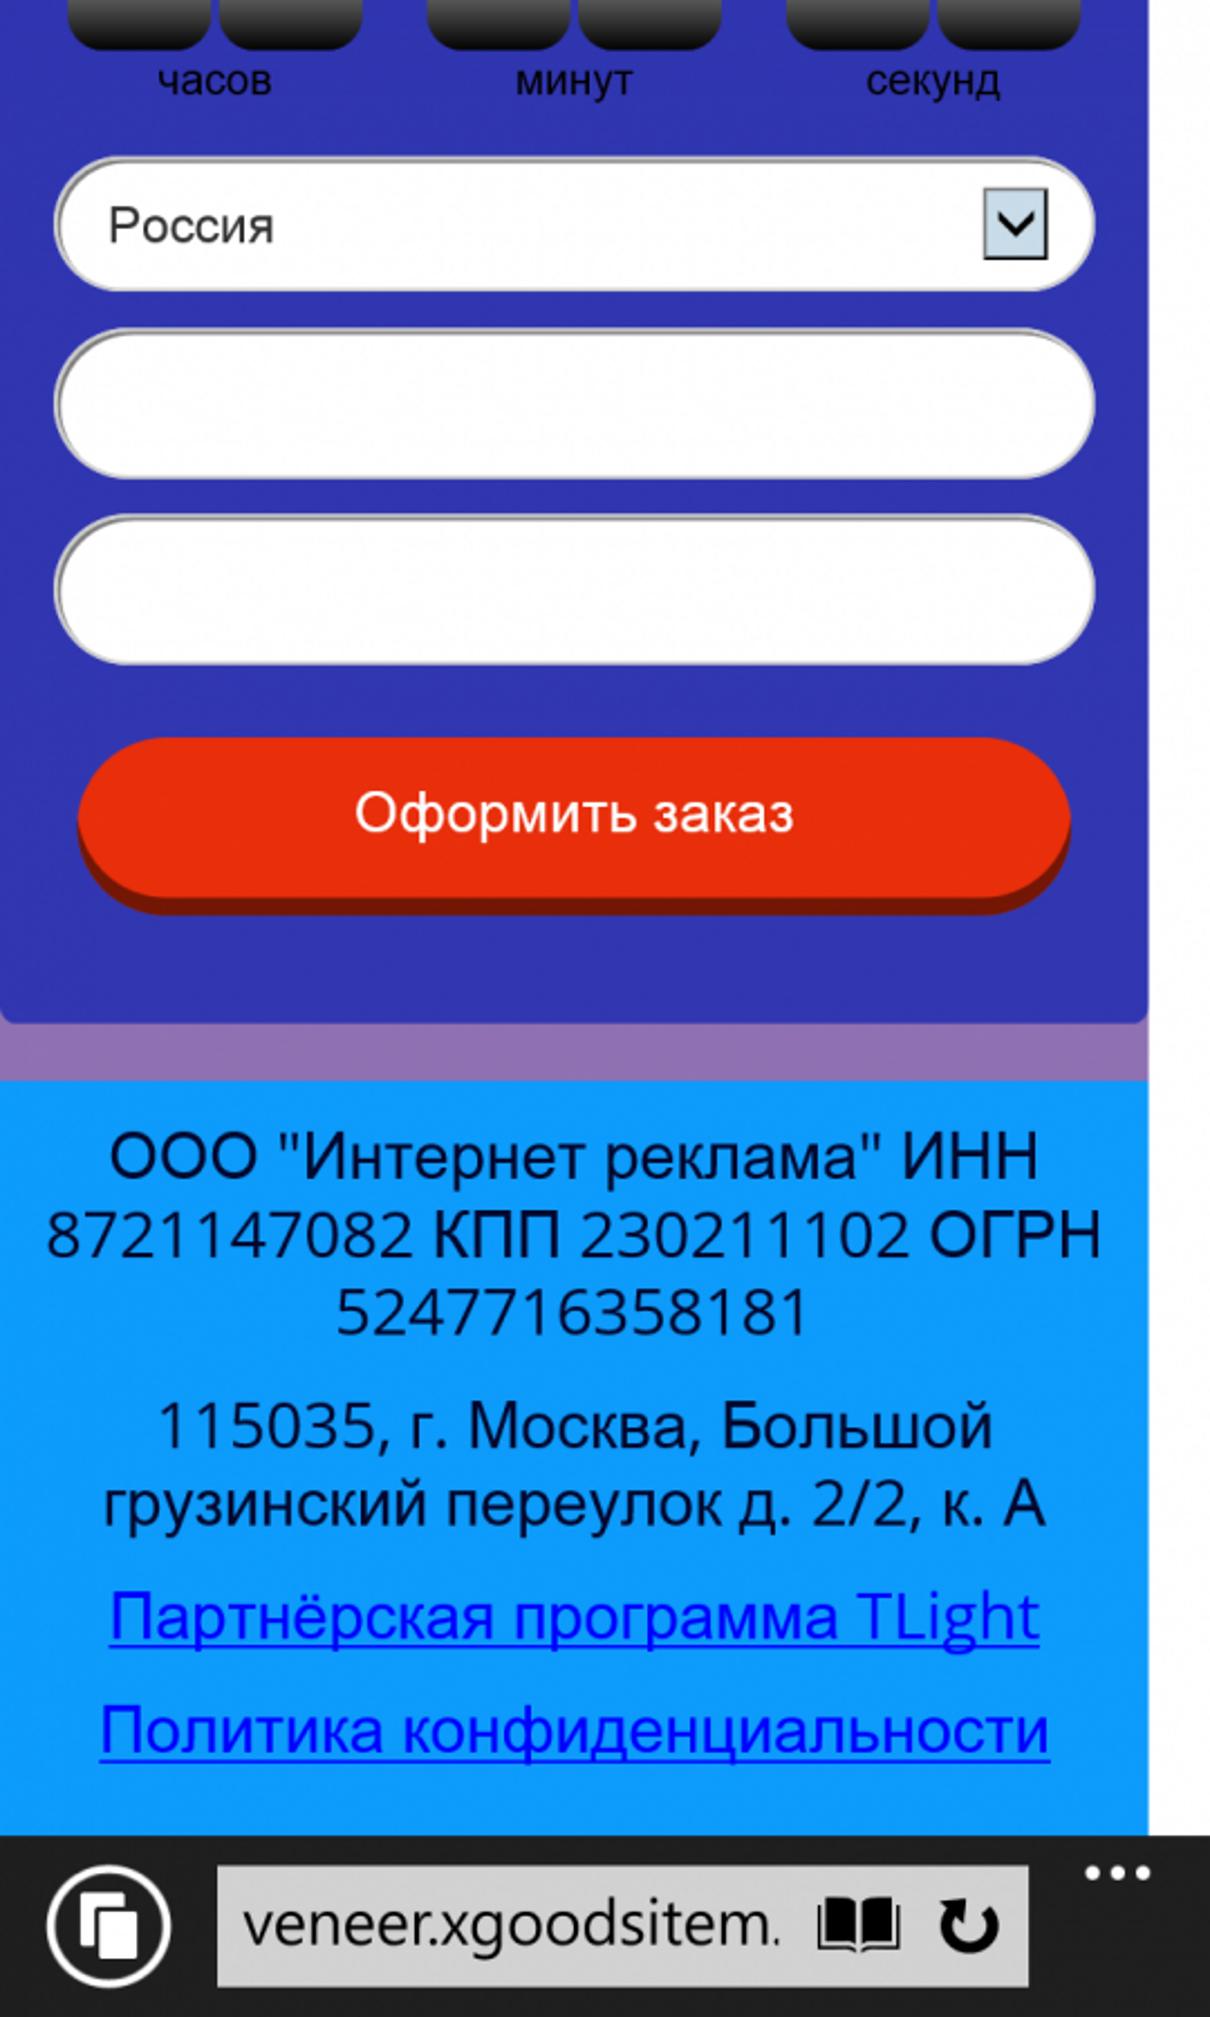 Жалоба-отзыв: Ooonika.info@gmail.com - Вместо Виниров прислали ополаскиватель для зубов.  Фото №1